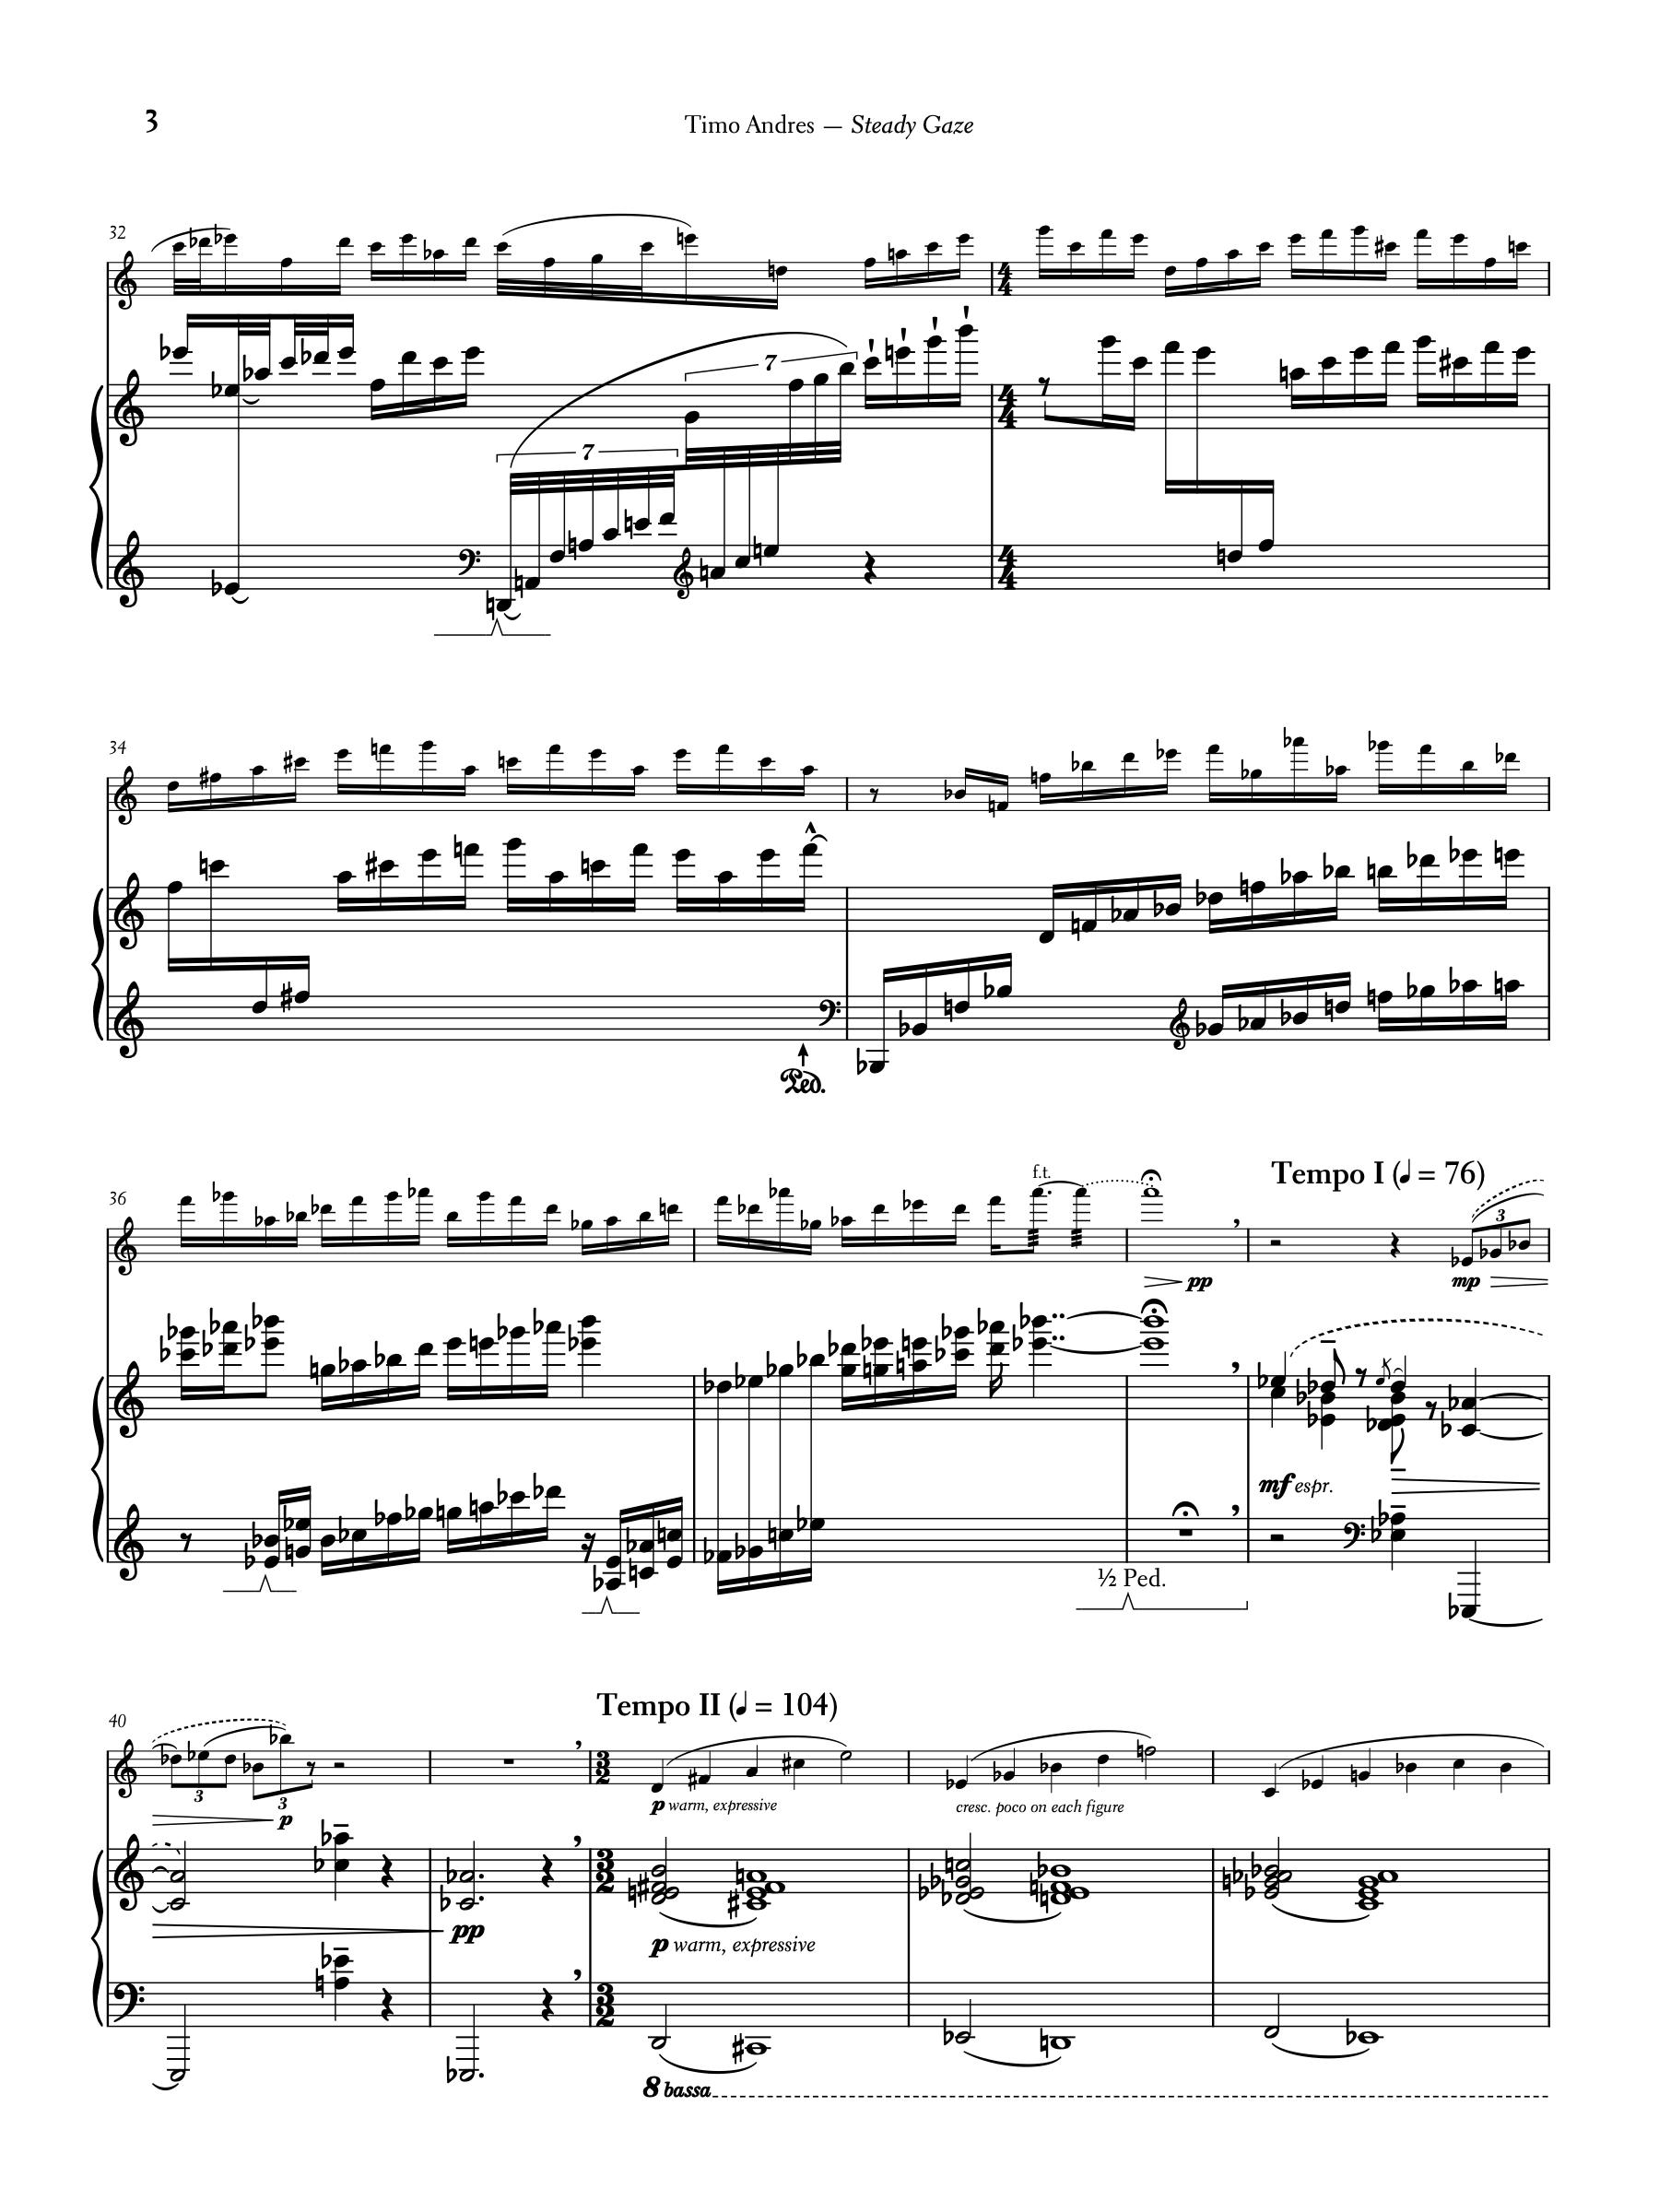 Steady Gaze, p. 3